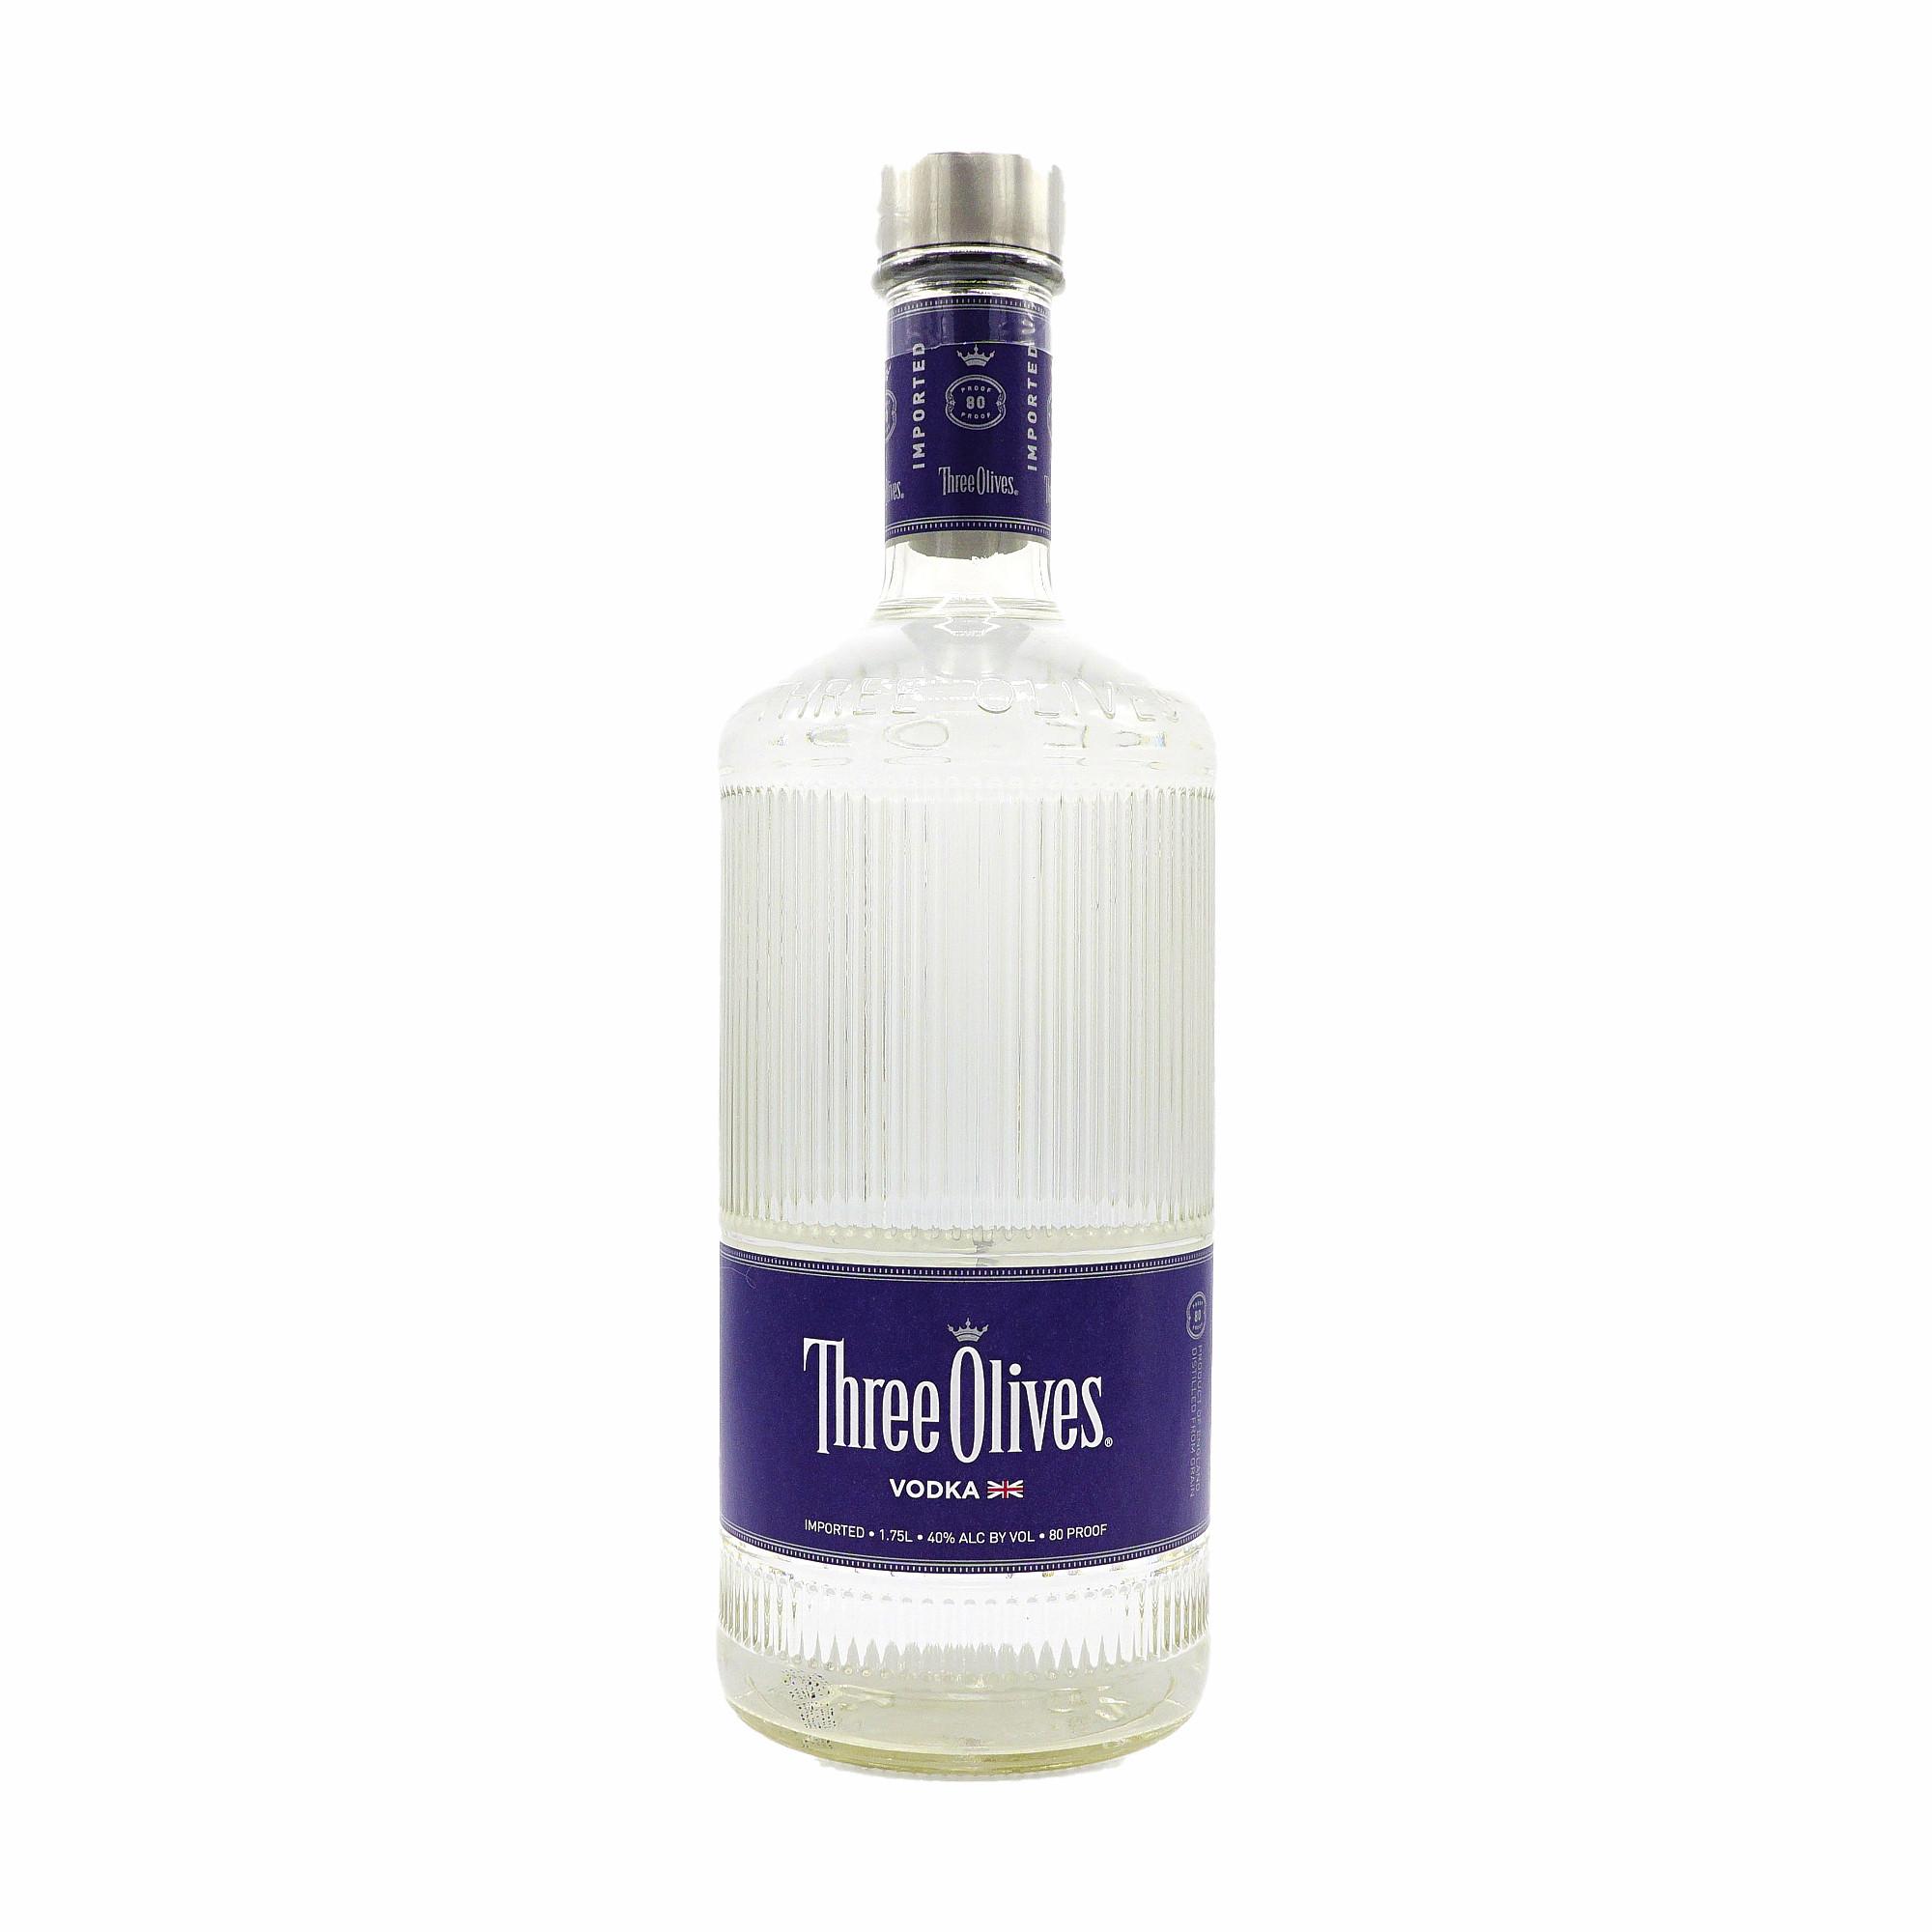 Three Olives Vodka 1.75 Ltr